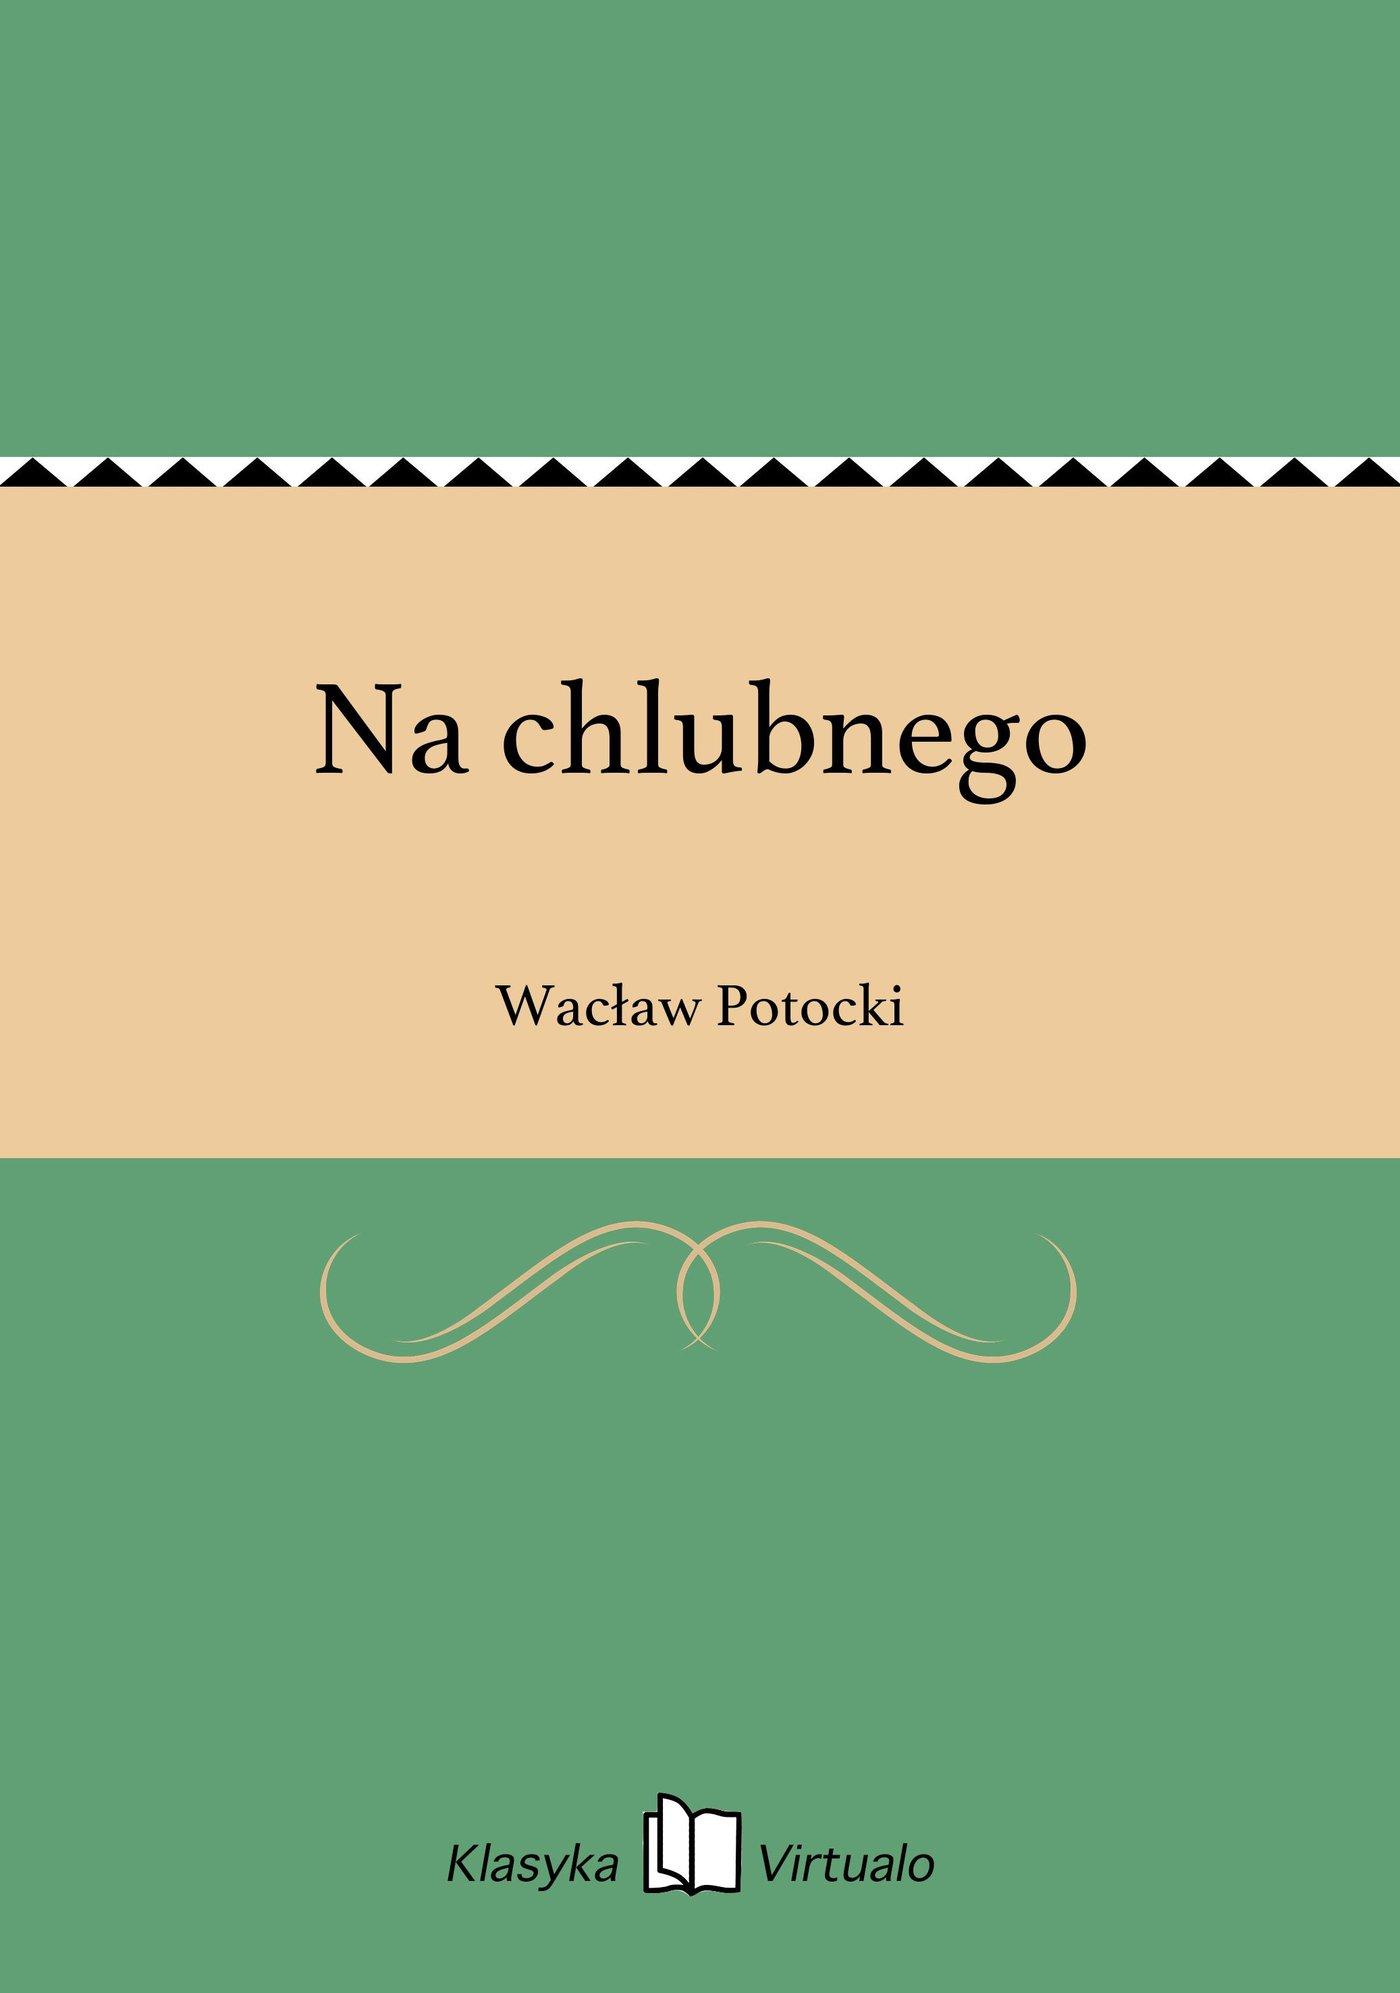 Na chlubnego - Ebook (Książka EPUB) do pobrania w formacie EPUB